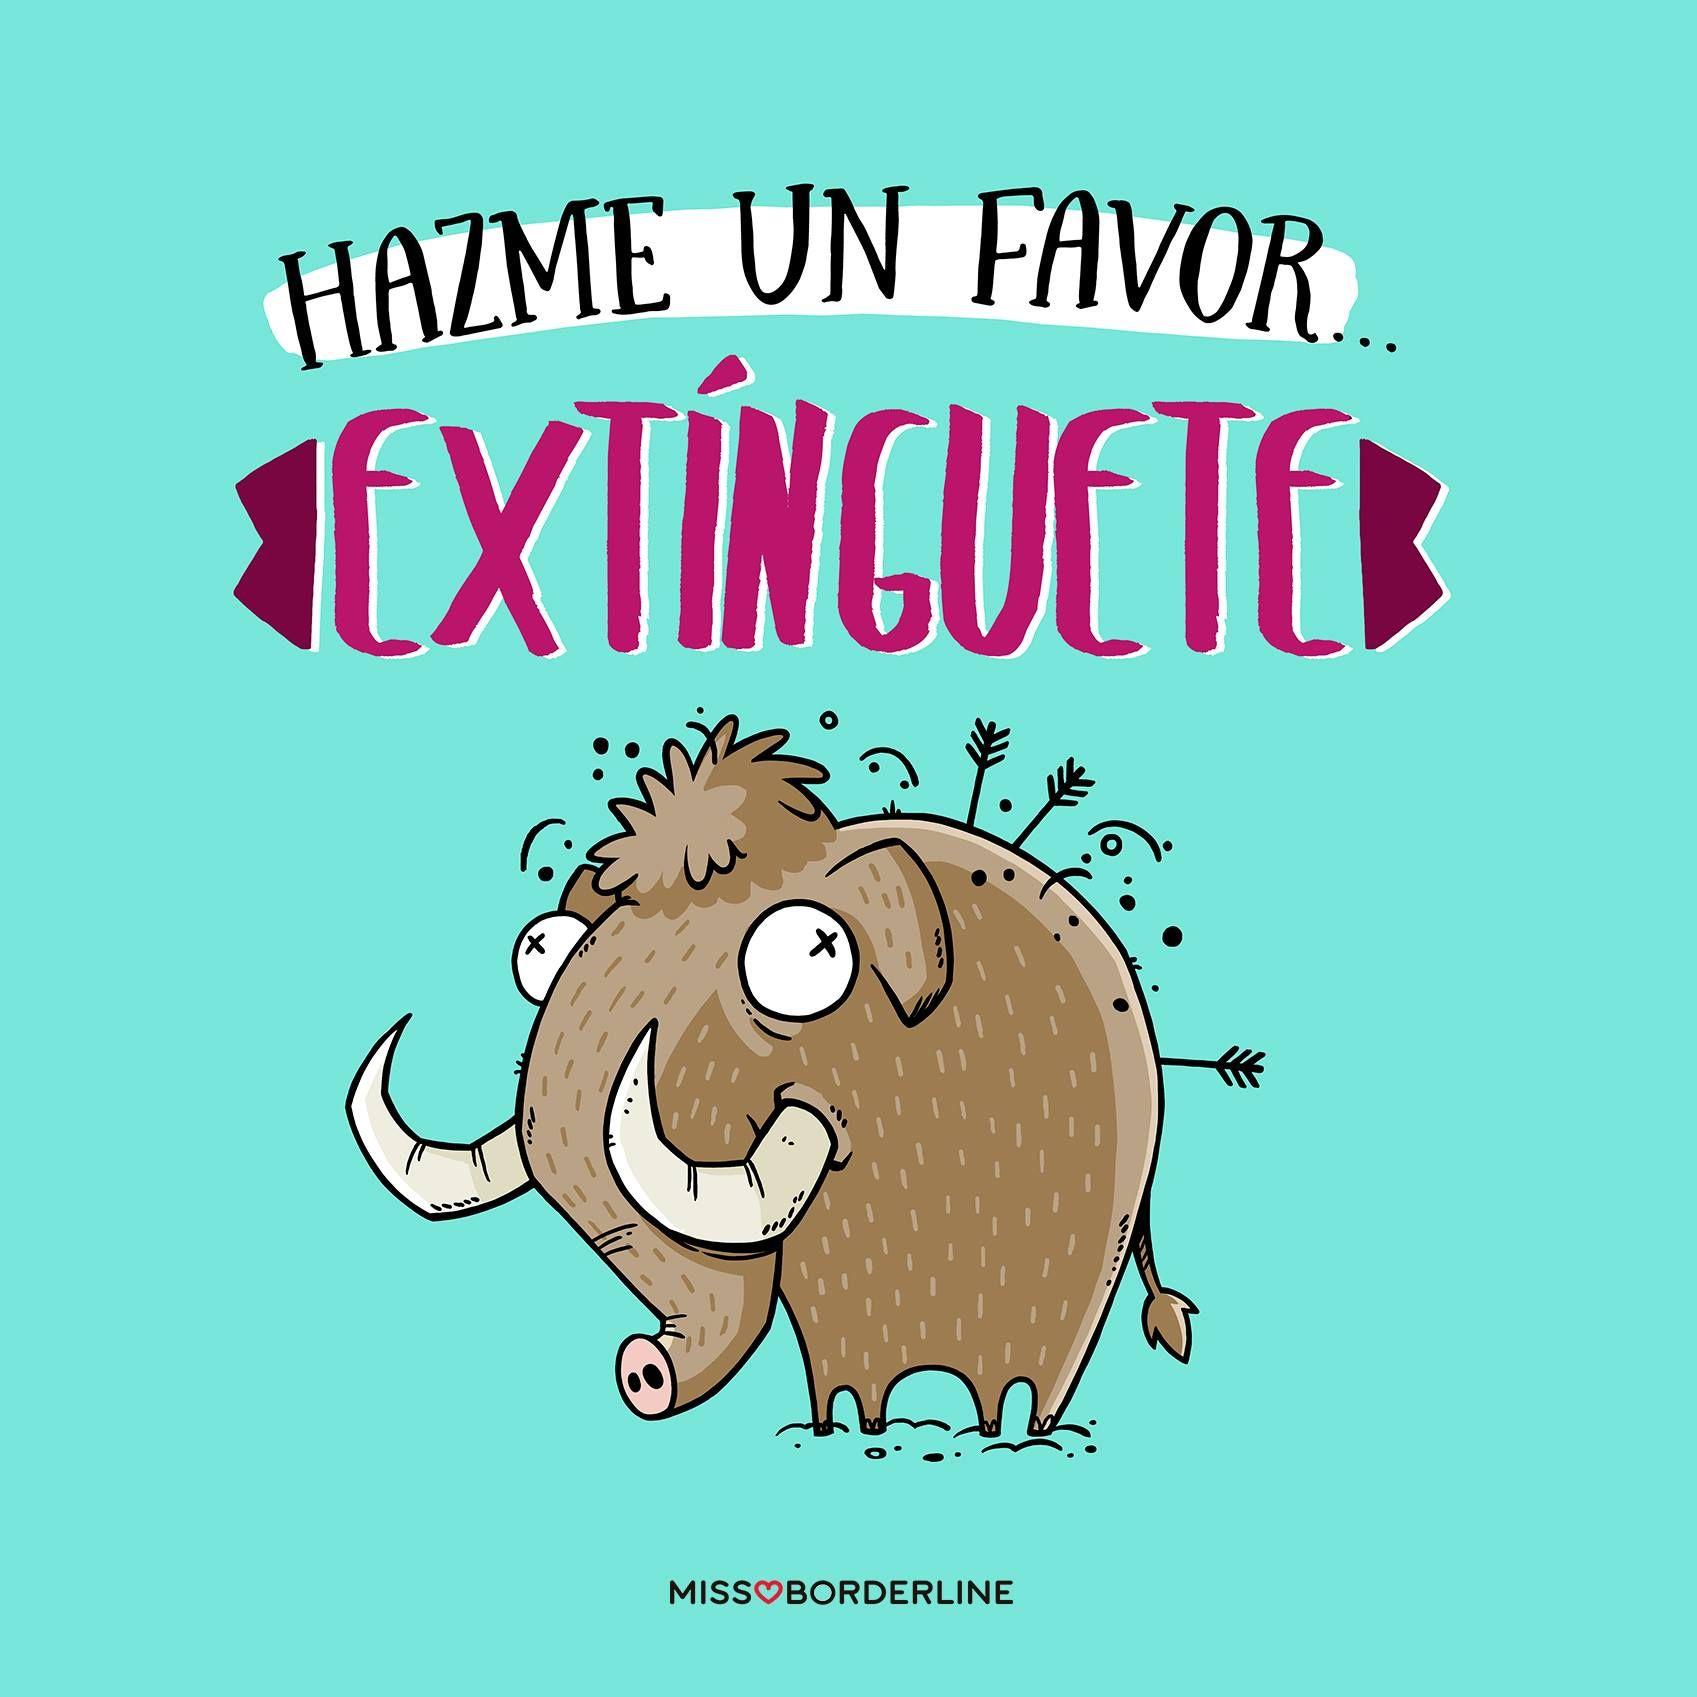 Hazme un favor: extínguete. #sarcasmo #humor #frases # ...